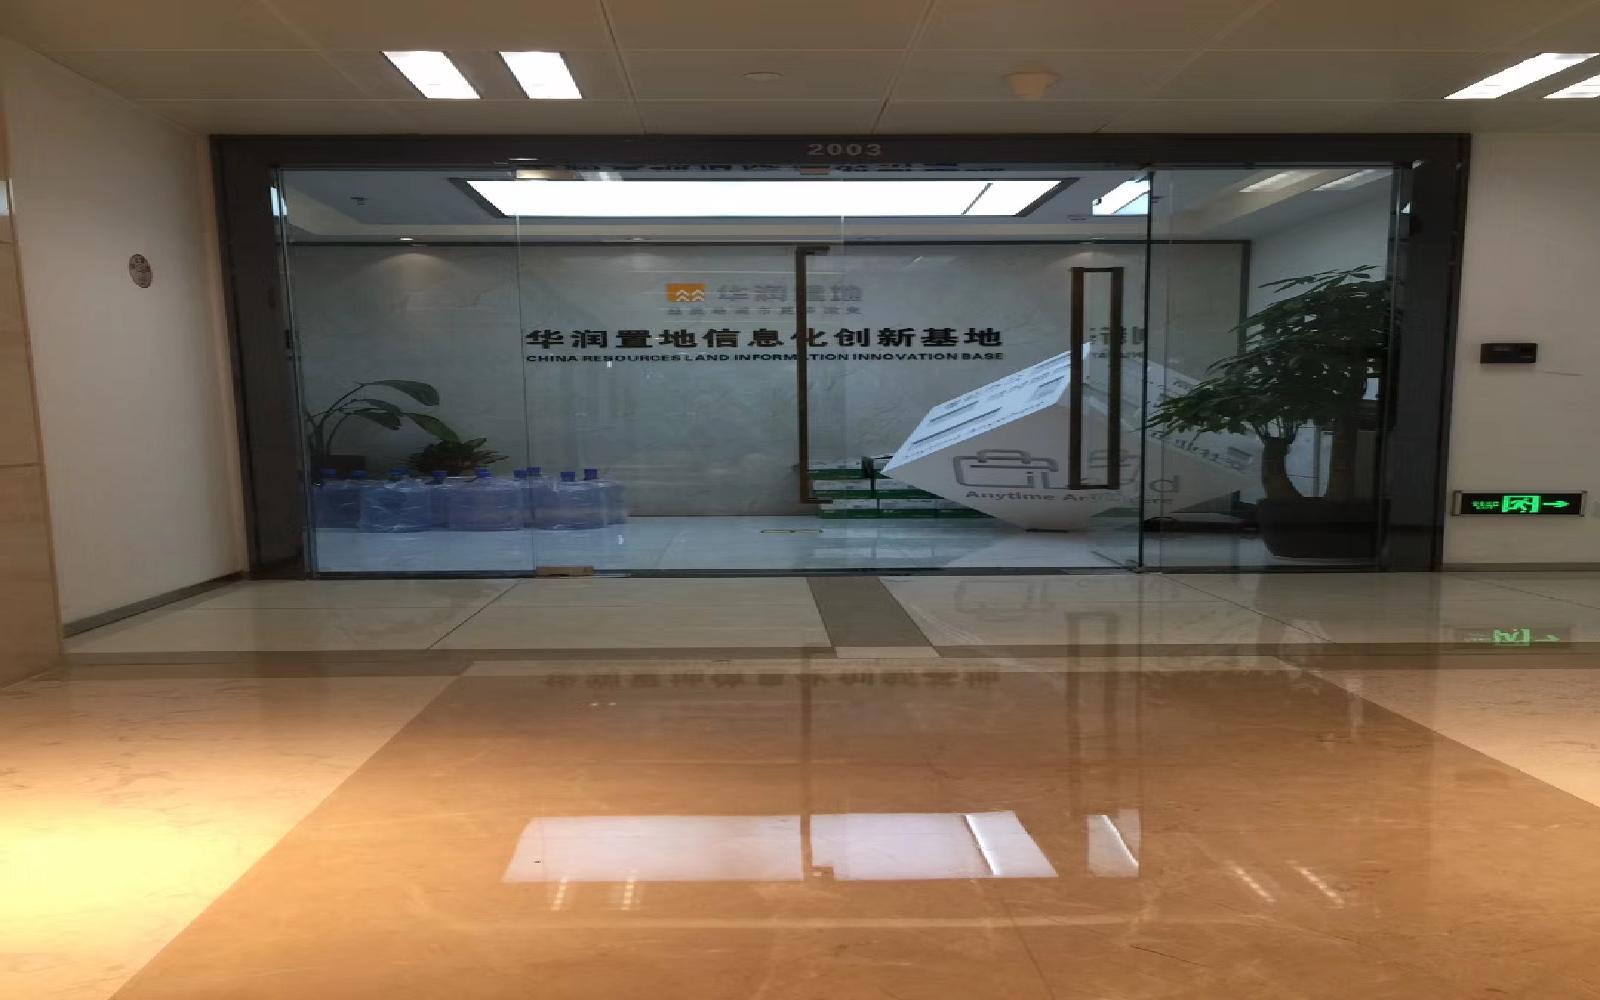 南山-科技园 华润城大冲商务中心 666m²